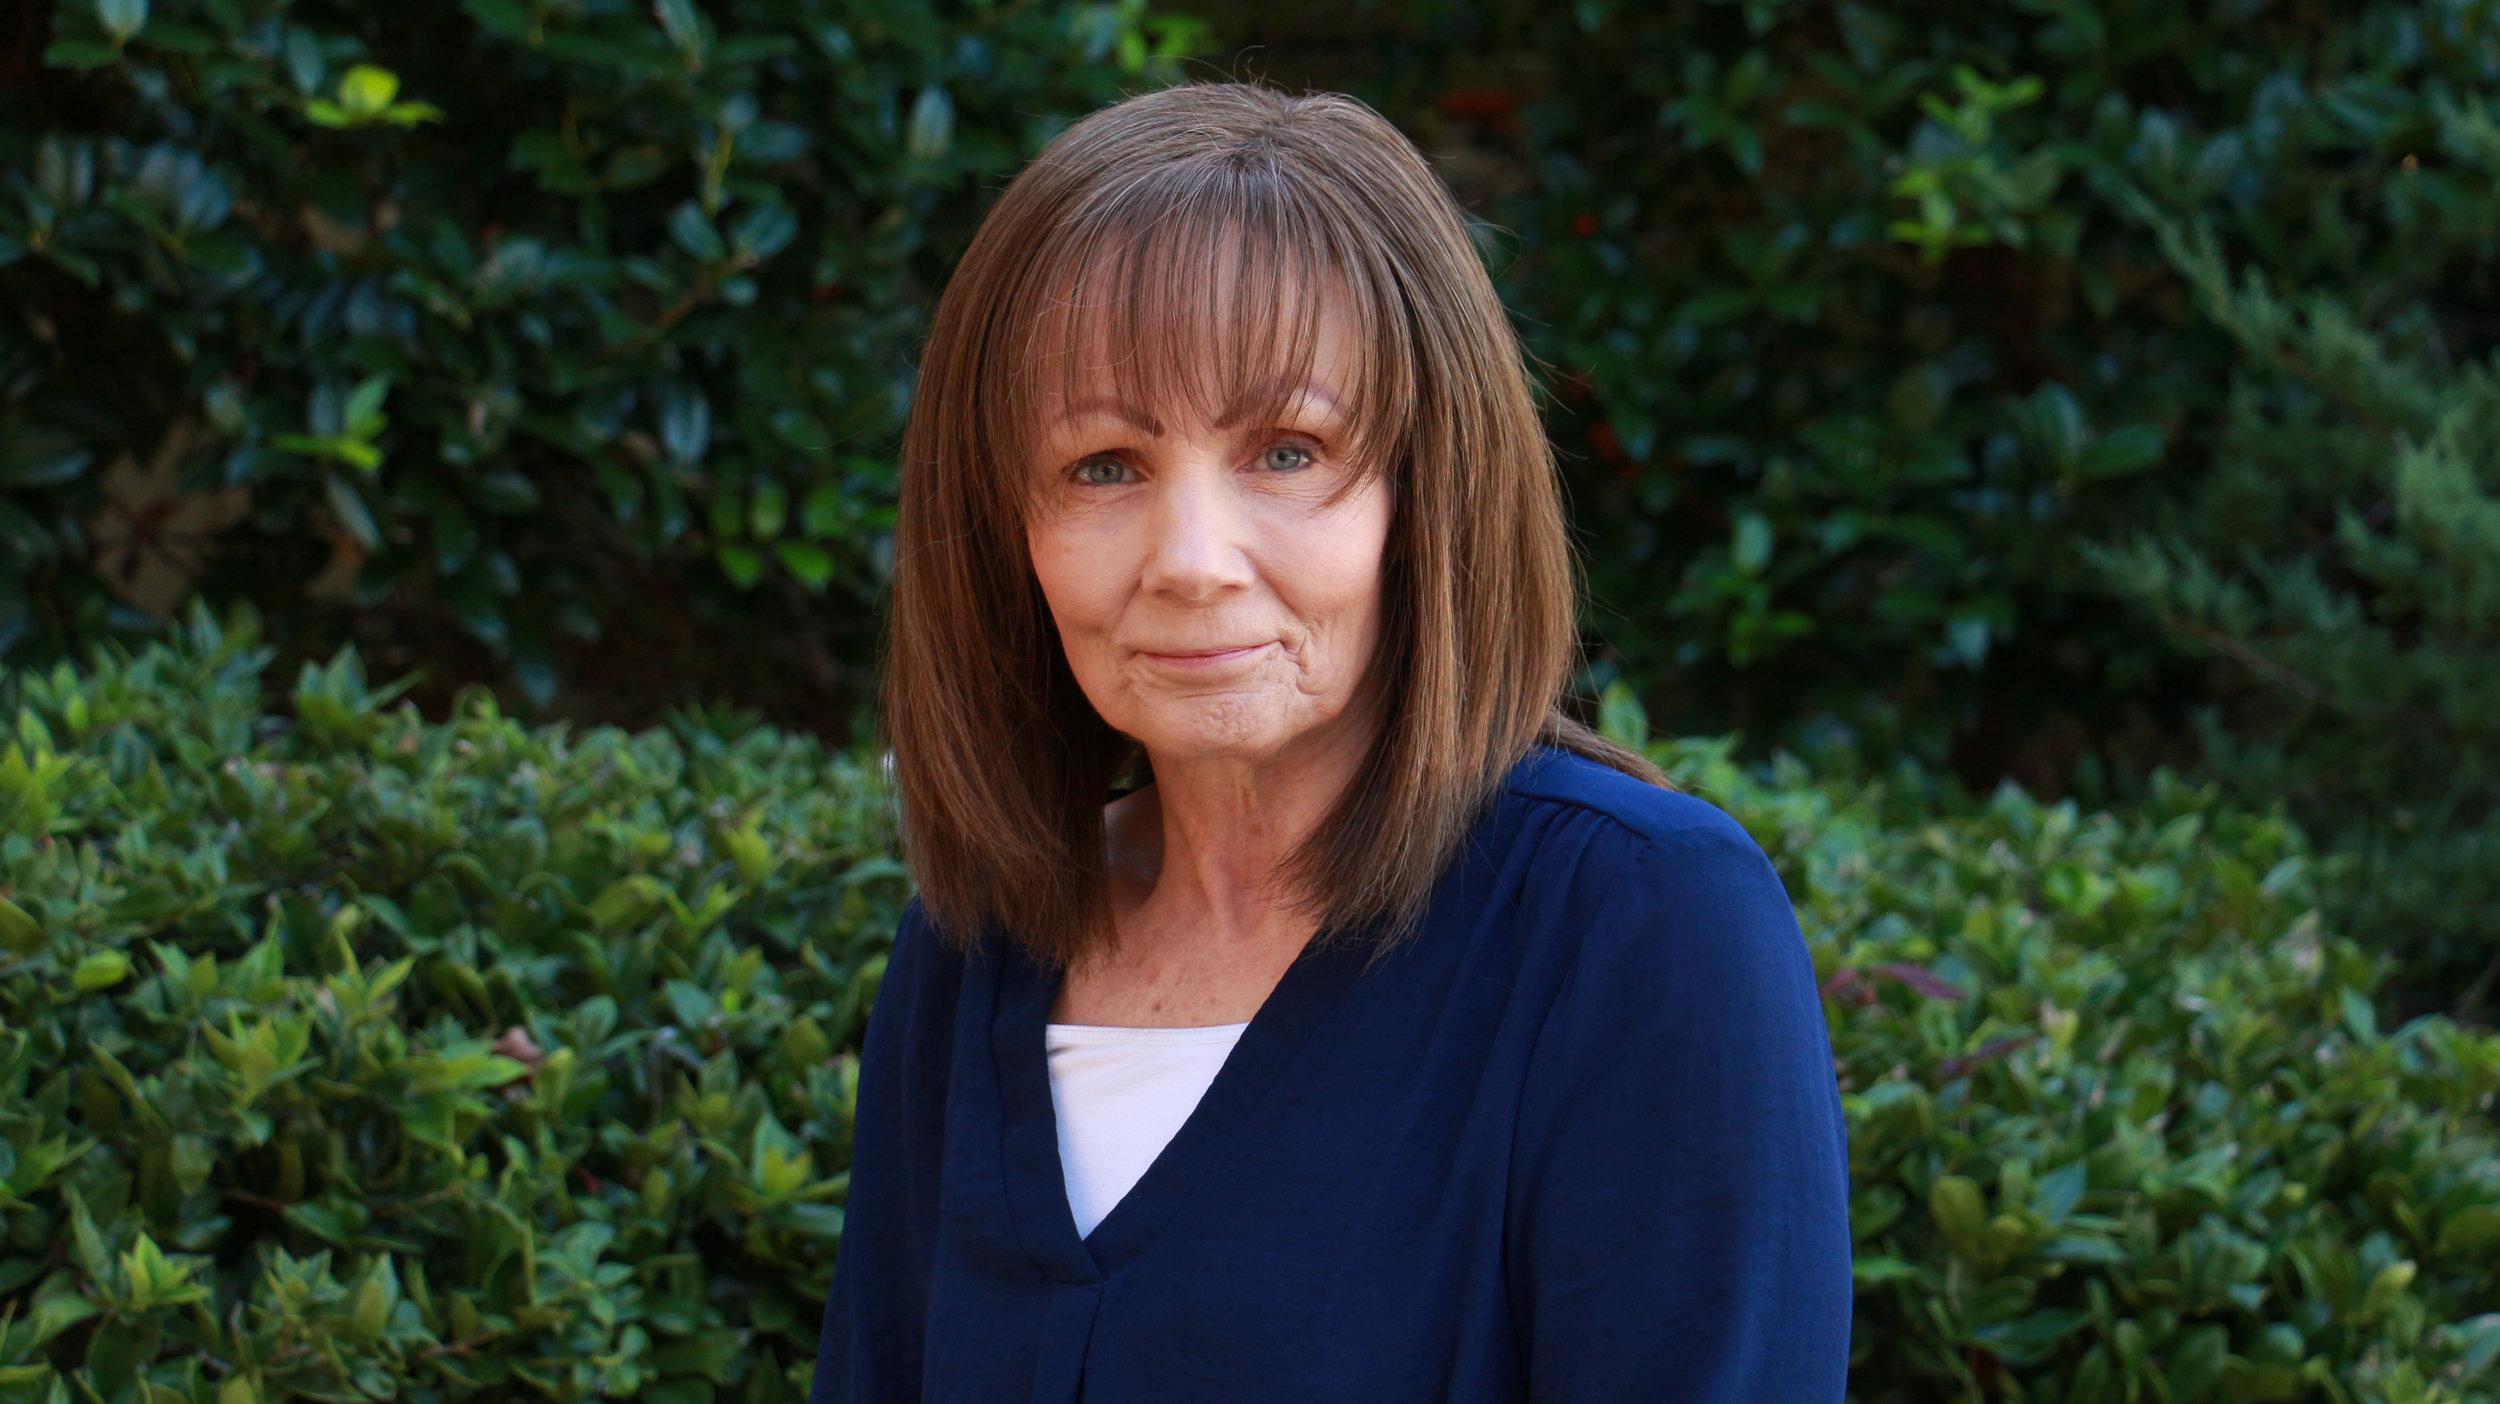 Helen Milligan, Assistant